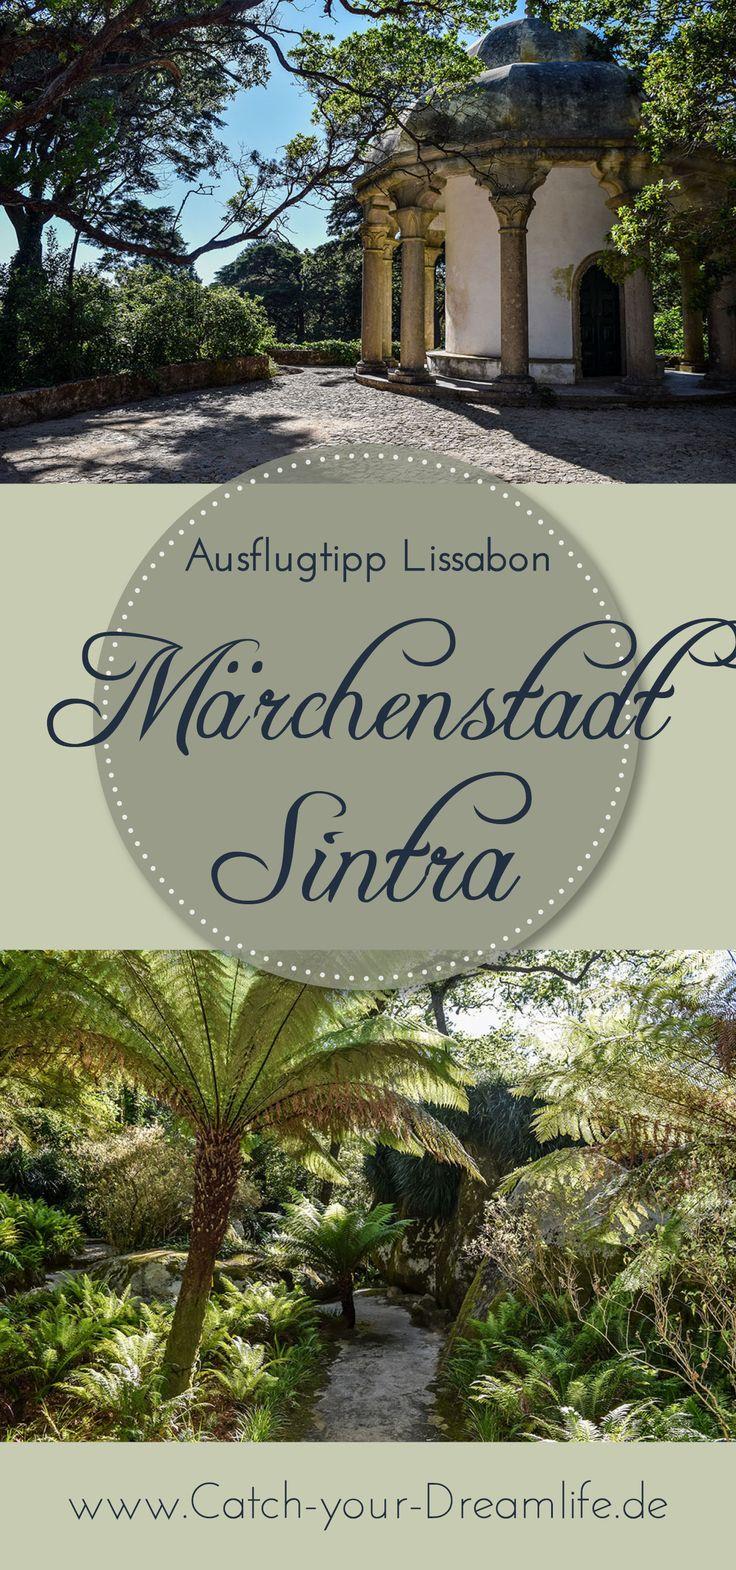 Märchenschloss mit wildromantischem Park - die Märchenstadt Sintra in Portugal hat einiges zu bieten.